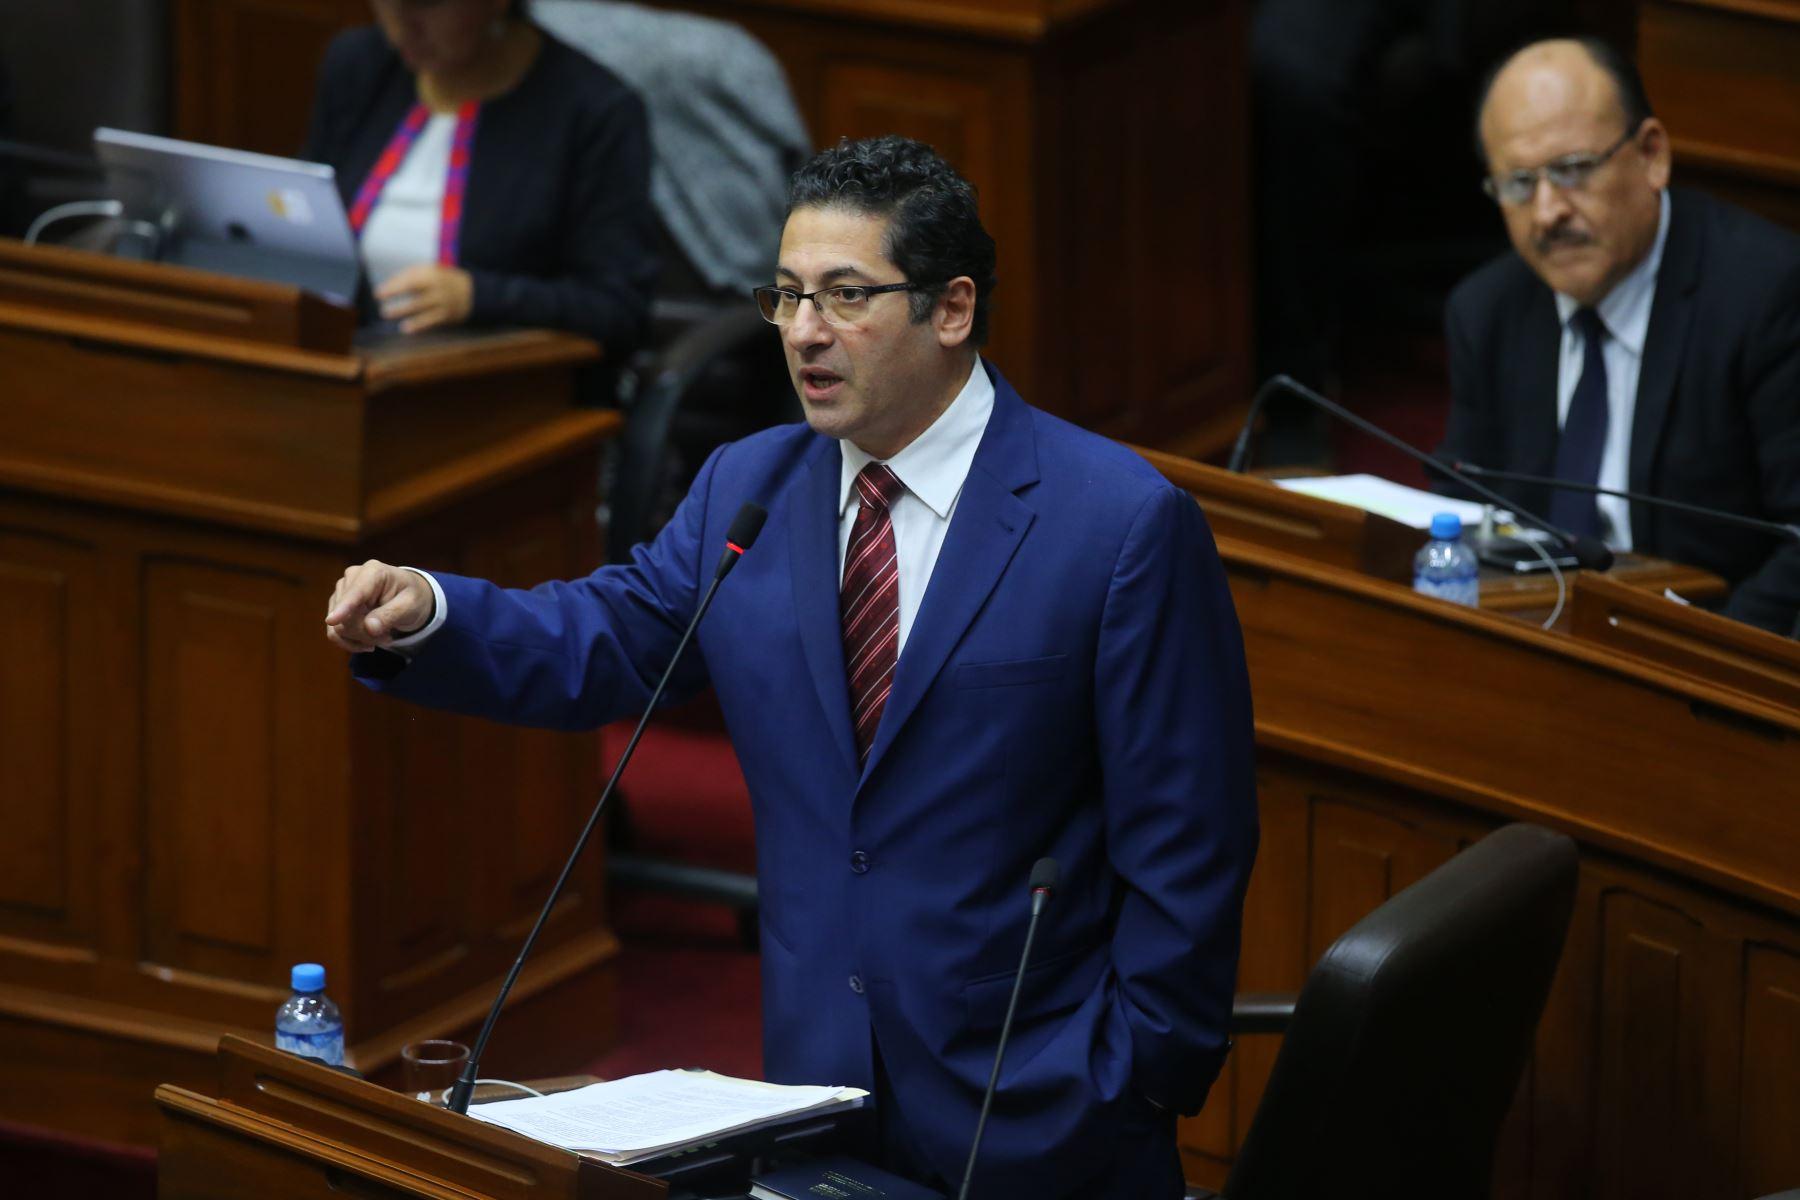 Congresista Salvador Heresi interviene en el debate sobre la cuestión de confianza en el Congreso de la República. Foto: ANDINA/Vidal Tarqui